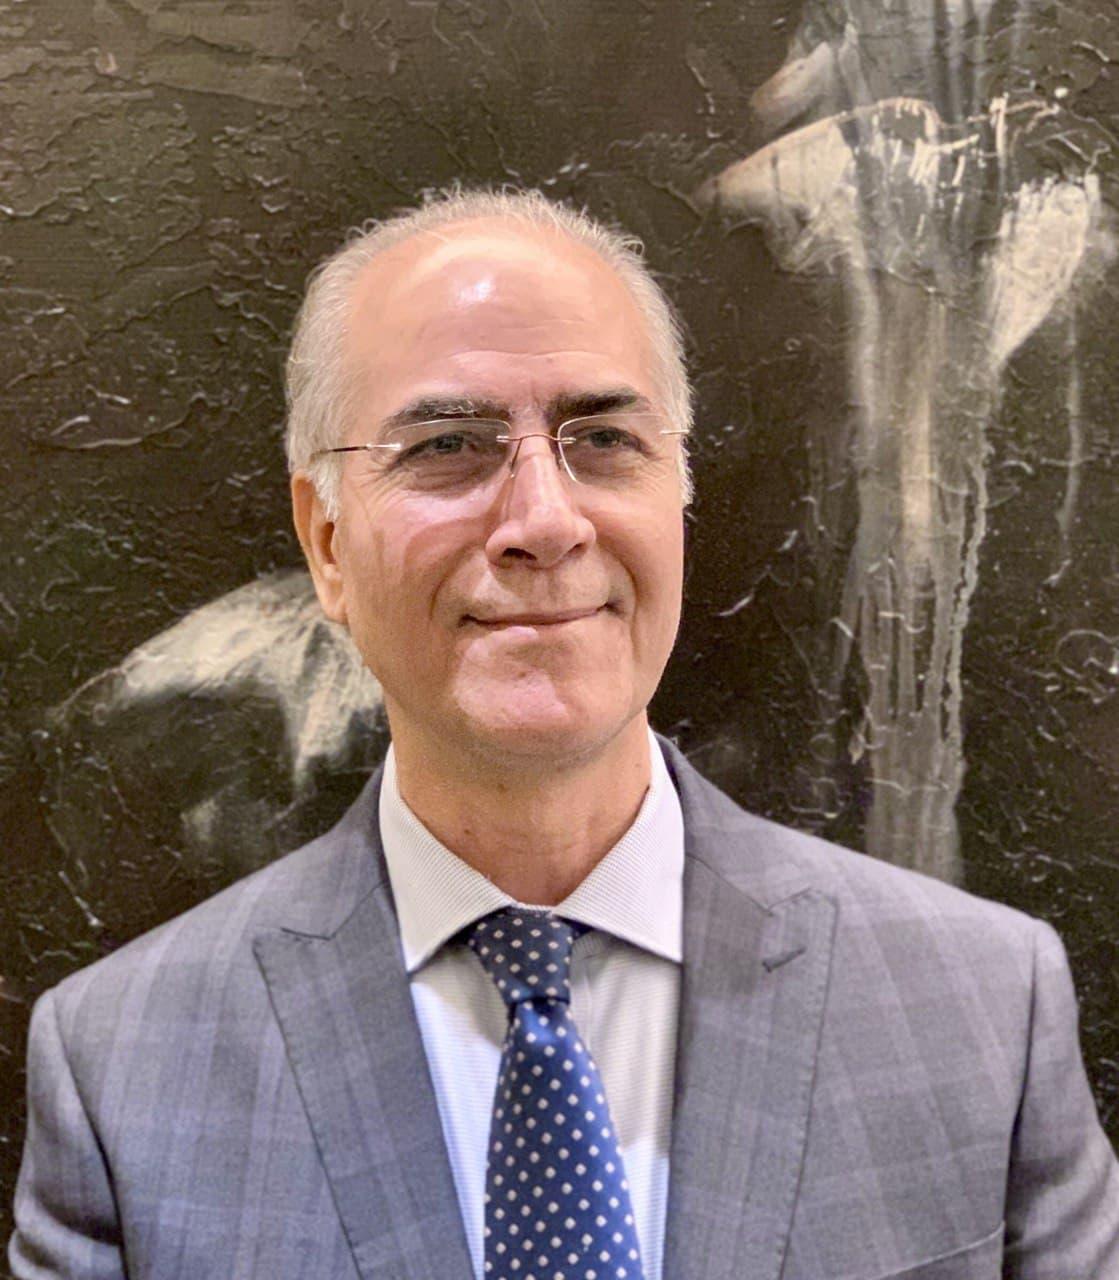 Ahmadreza Zamani